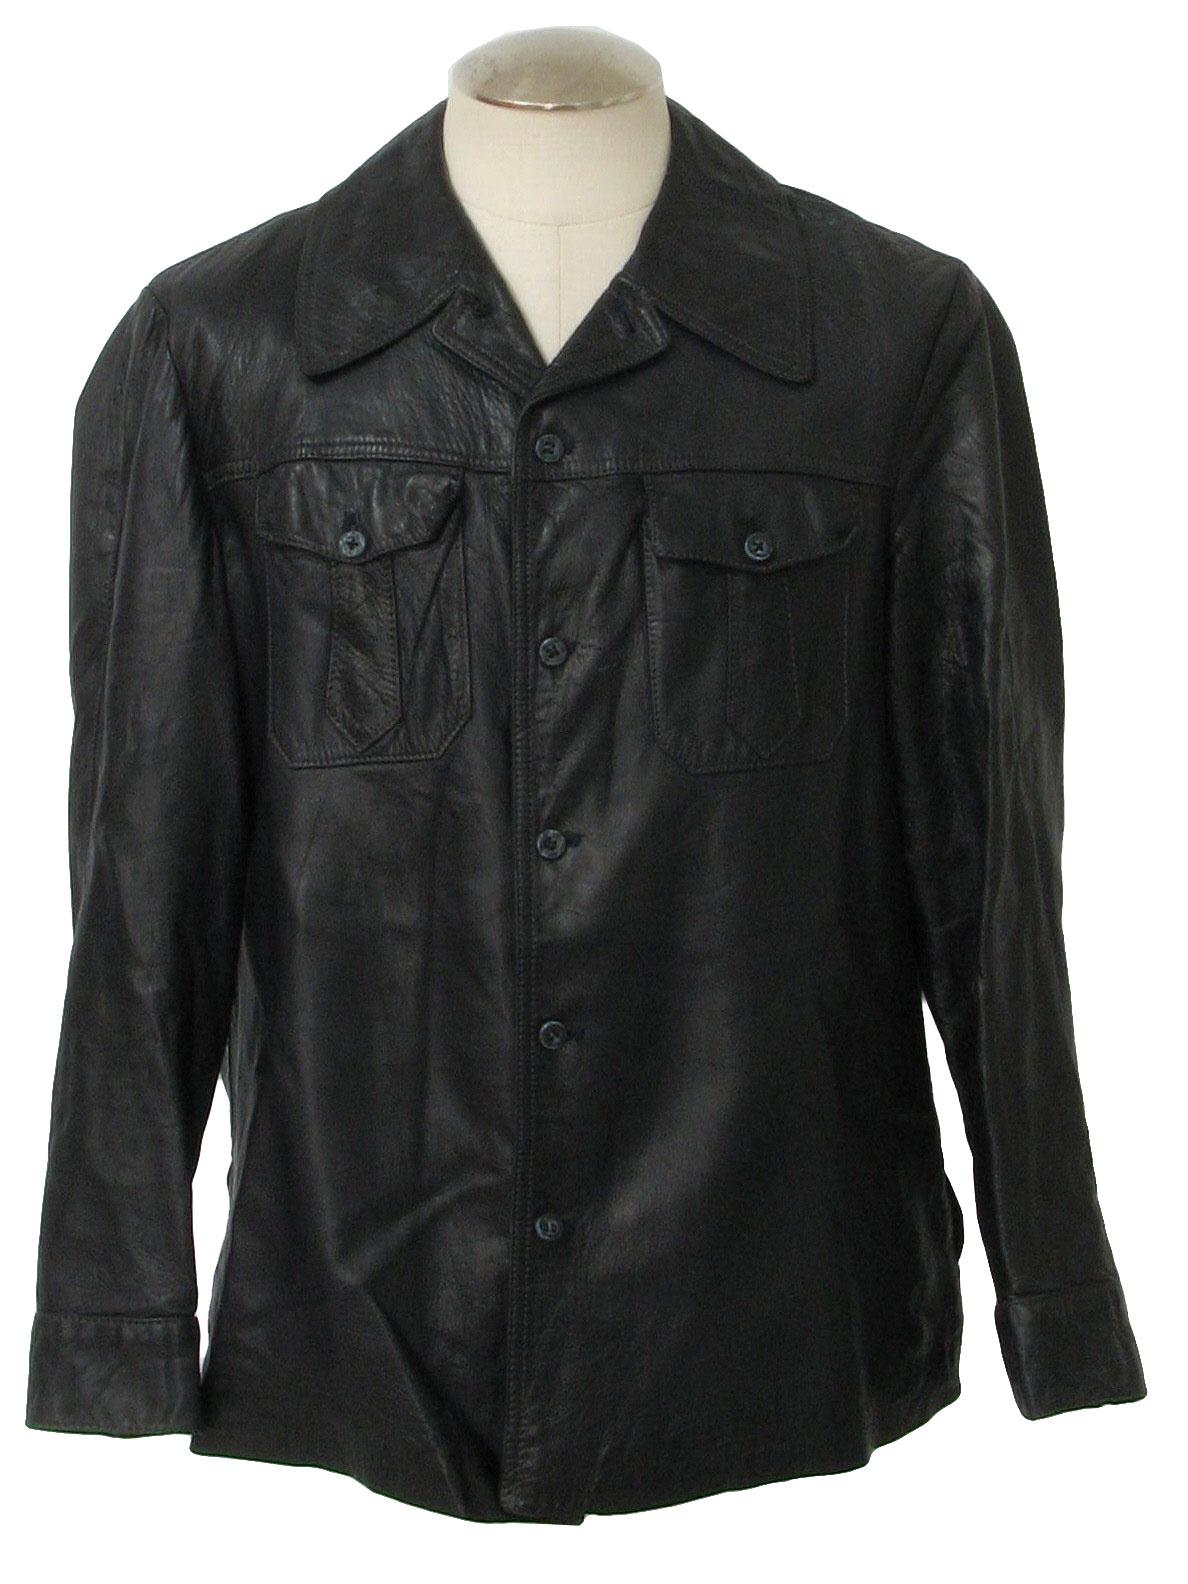 70s leather jacket